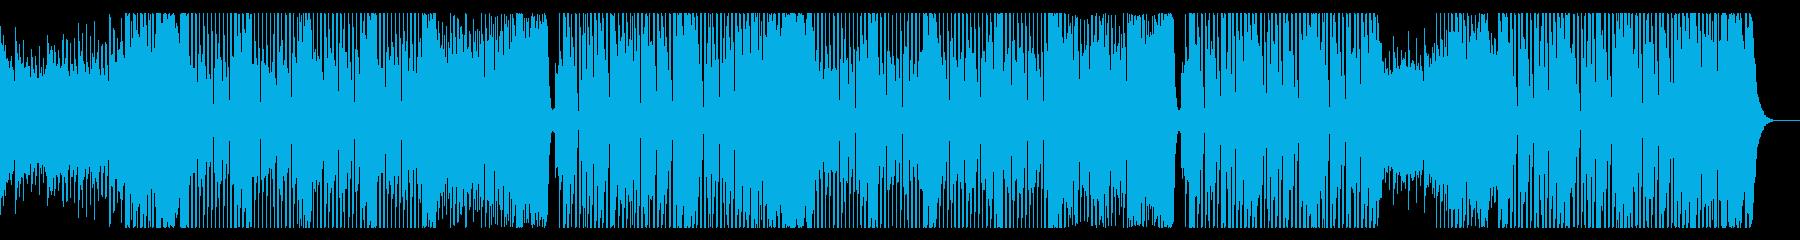 ワイルドでEDMロックなダンス曲の再生済みの波形